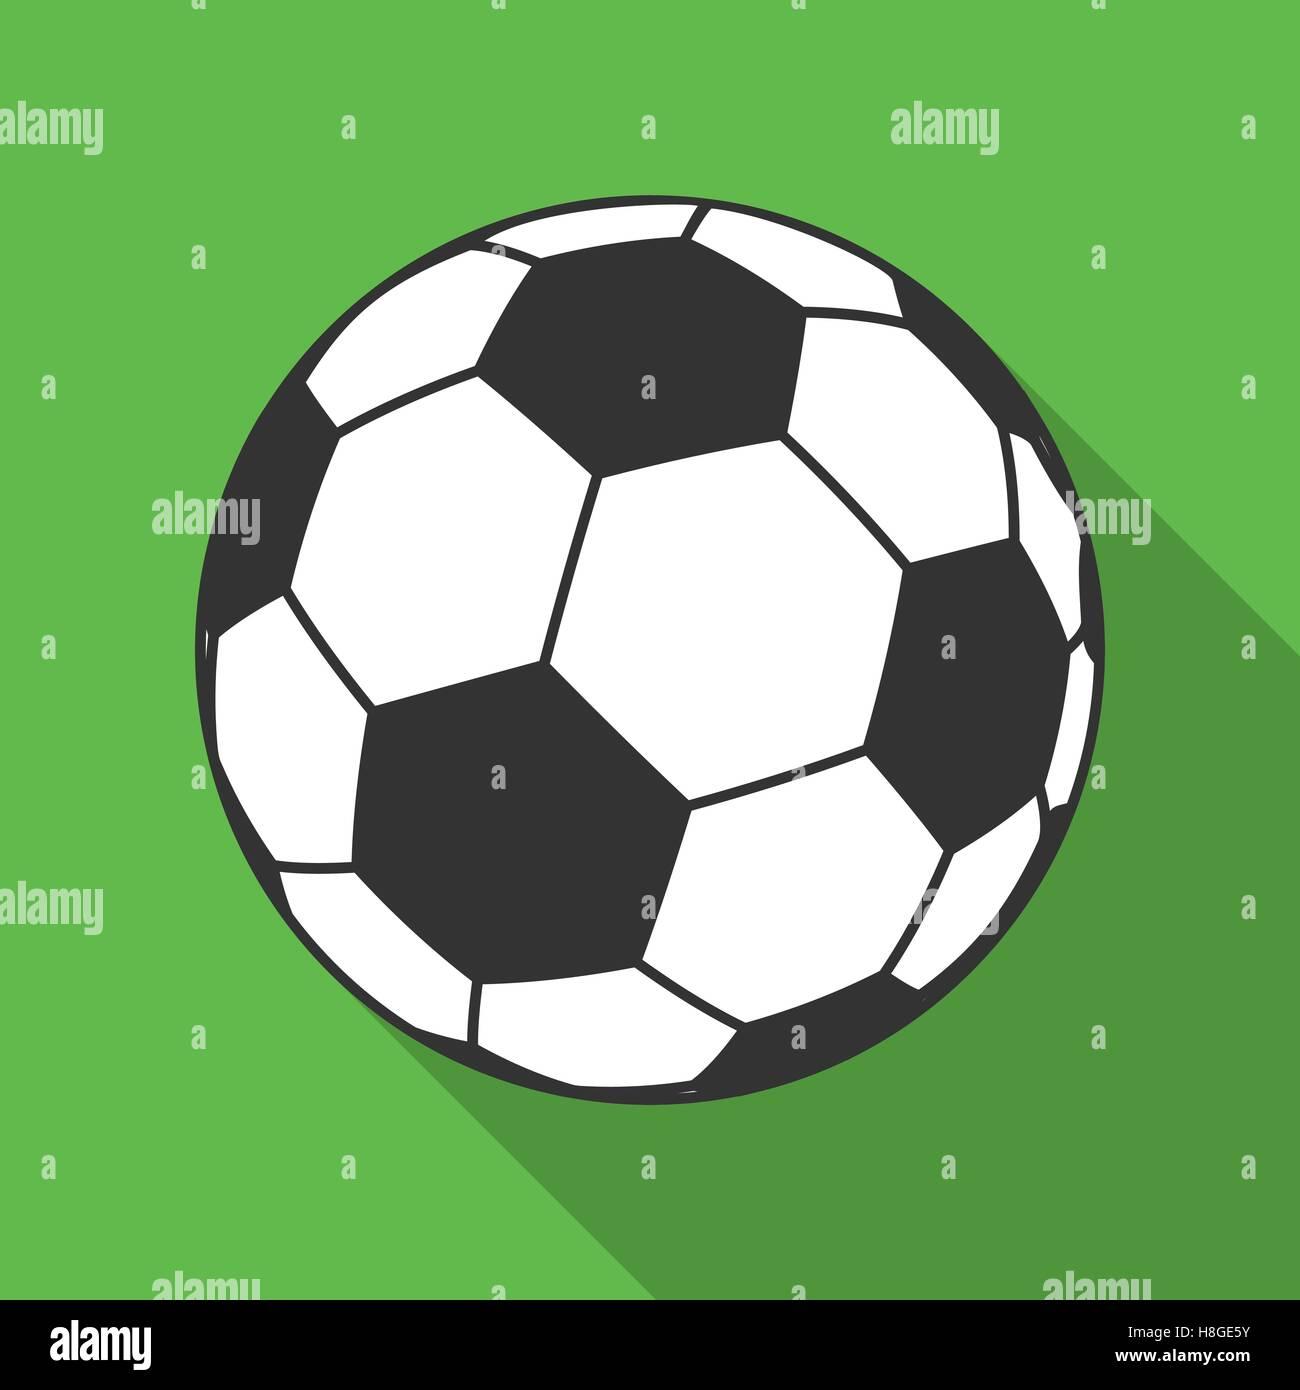 Fussball Symbol Stockfotos Fussball Symbol Bilder Alamy